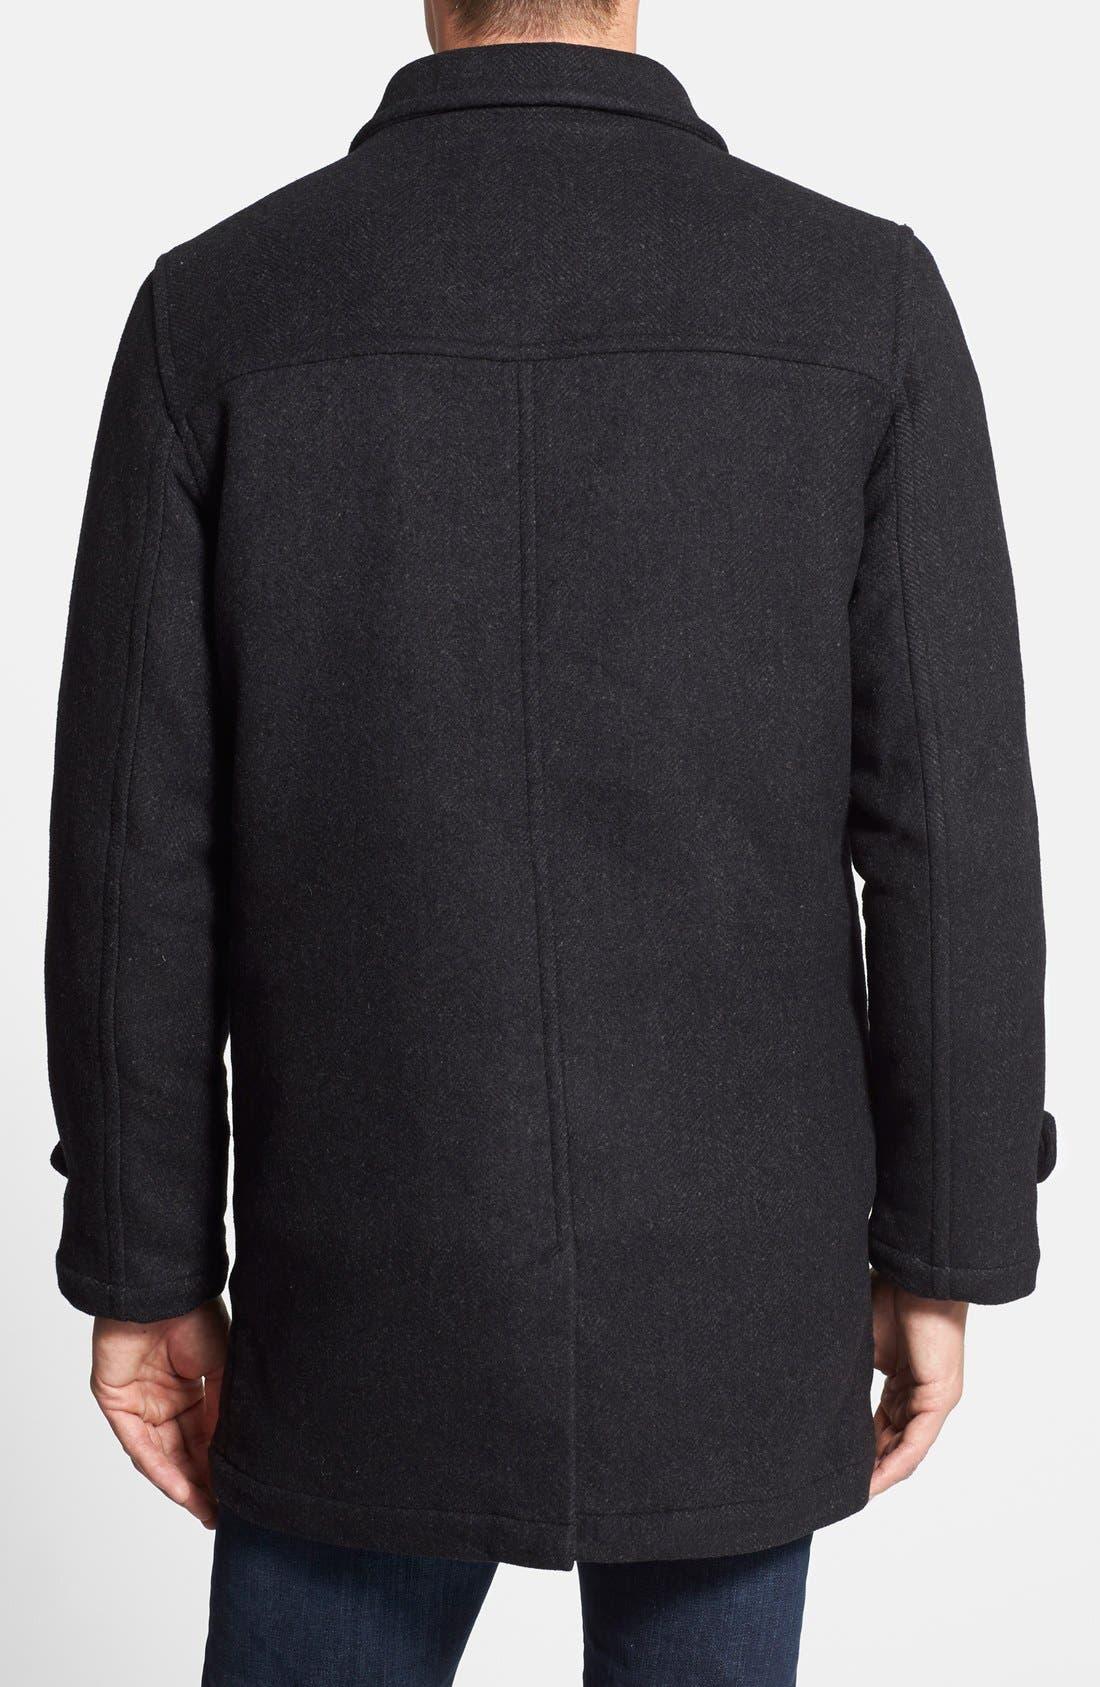 'Westown' 3-in-1 Wool Blend Coat,                             Alternate thumbnail 4, color,